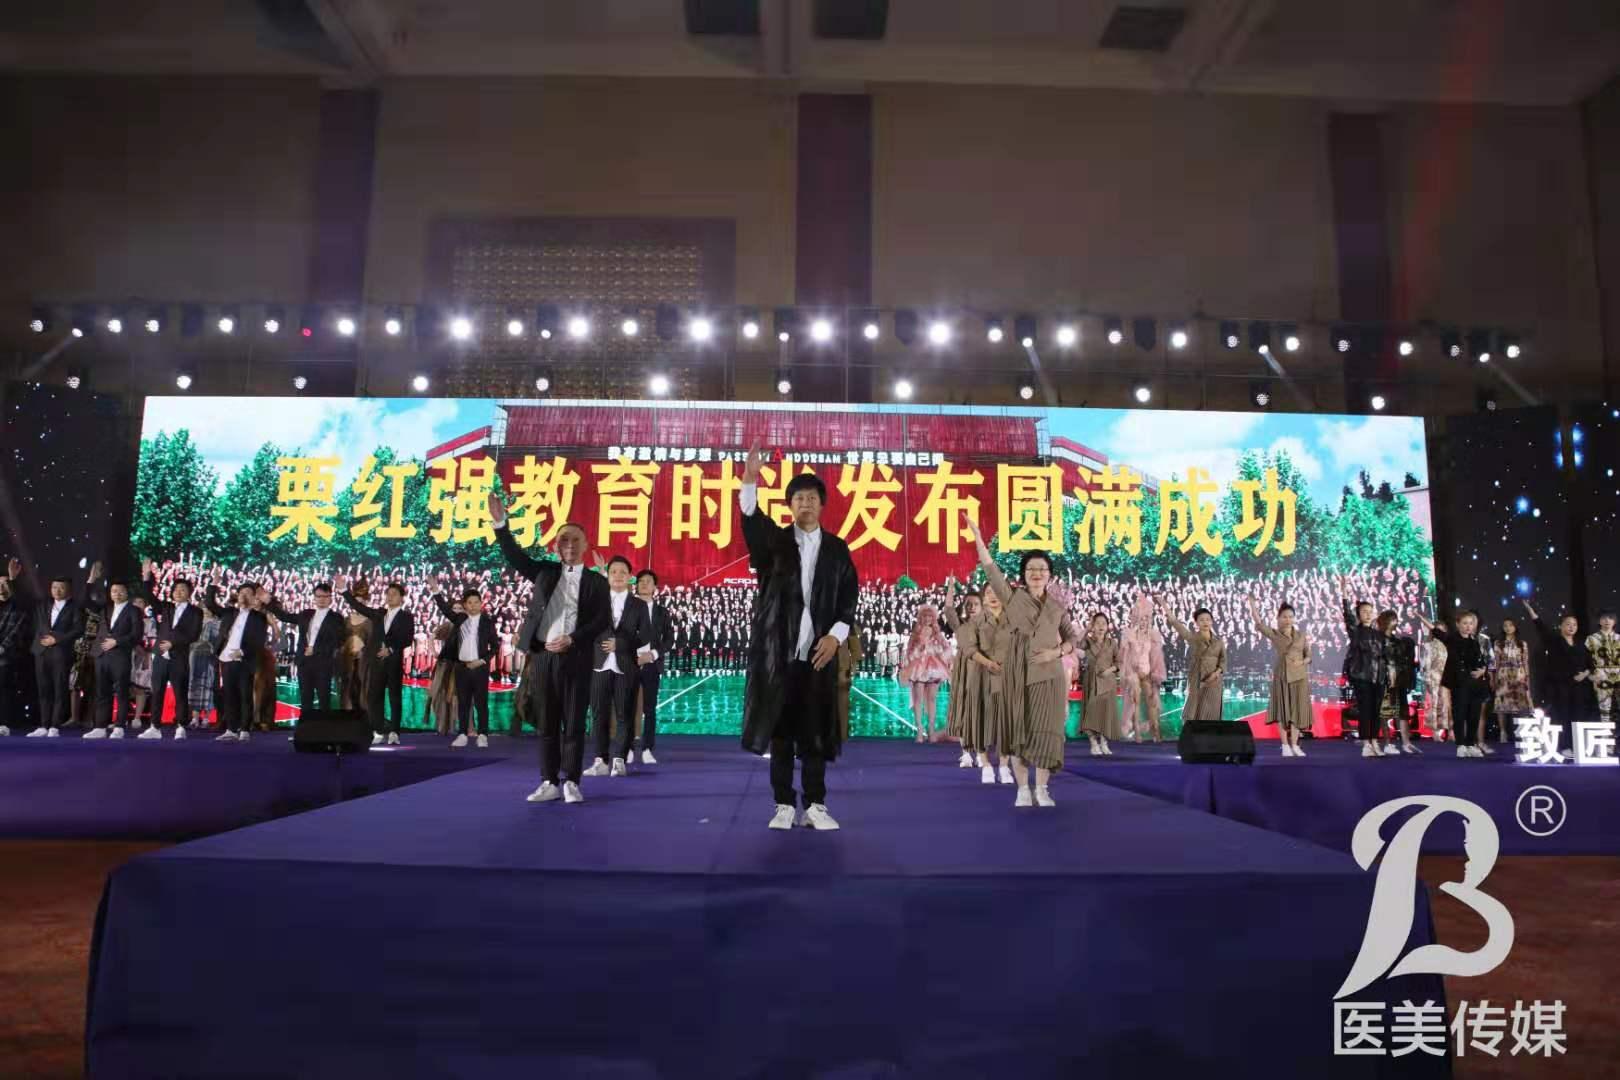 金栗学校<b><b>西安栗红强教育团队:重庆时尚发布会圆满成功</b></b>